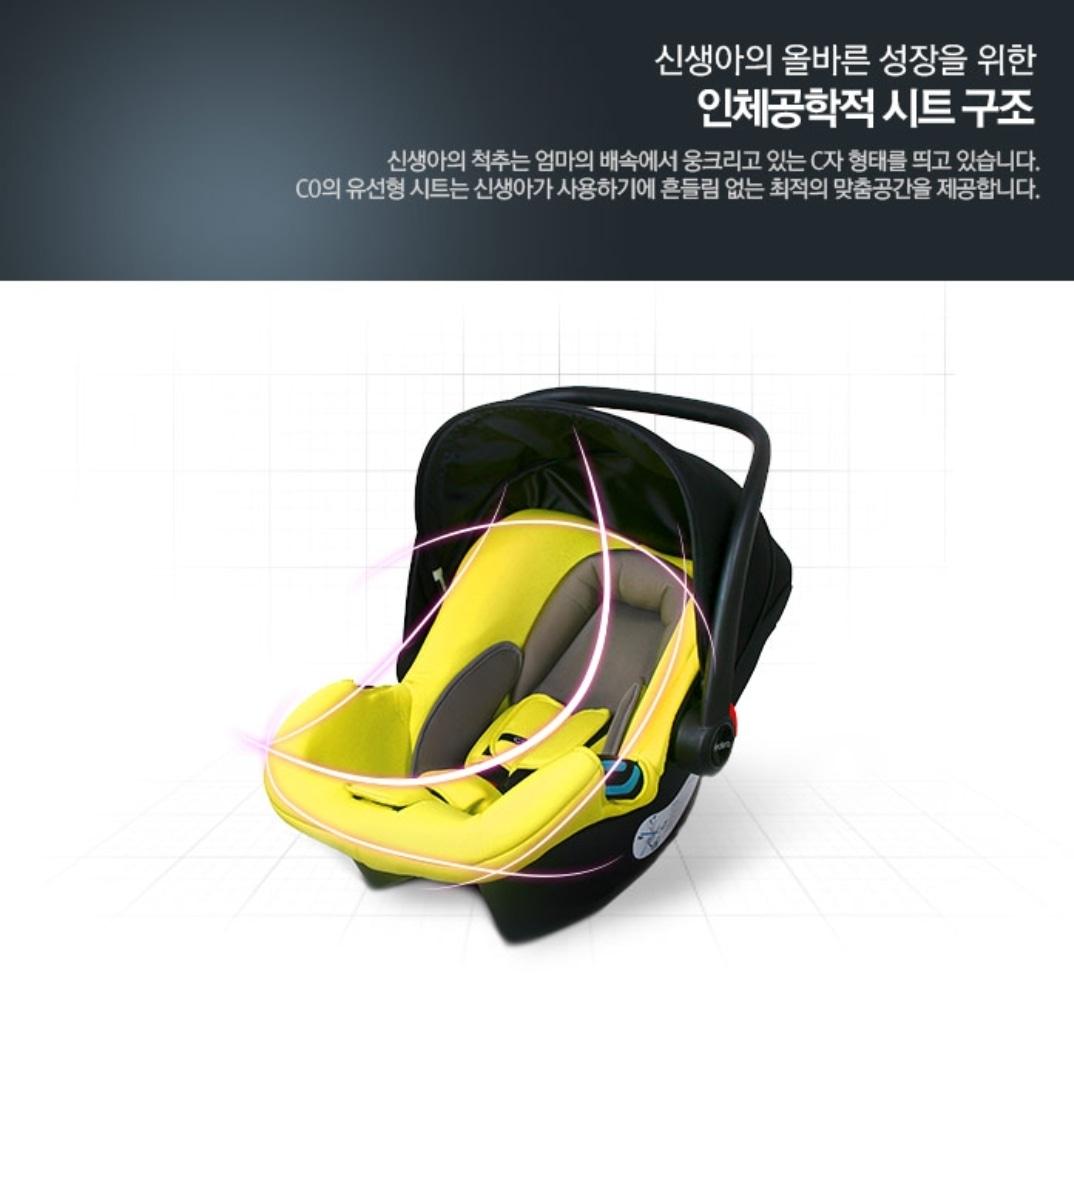 페도라C0 신생아 카시트(바구니카시트)